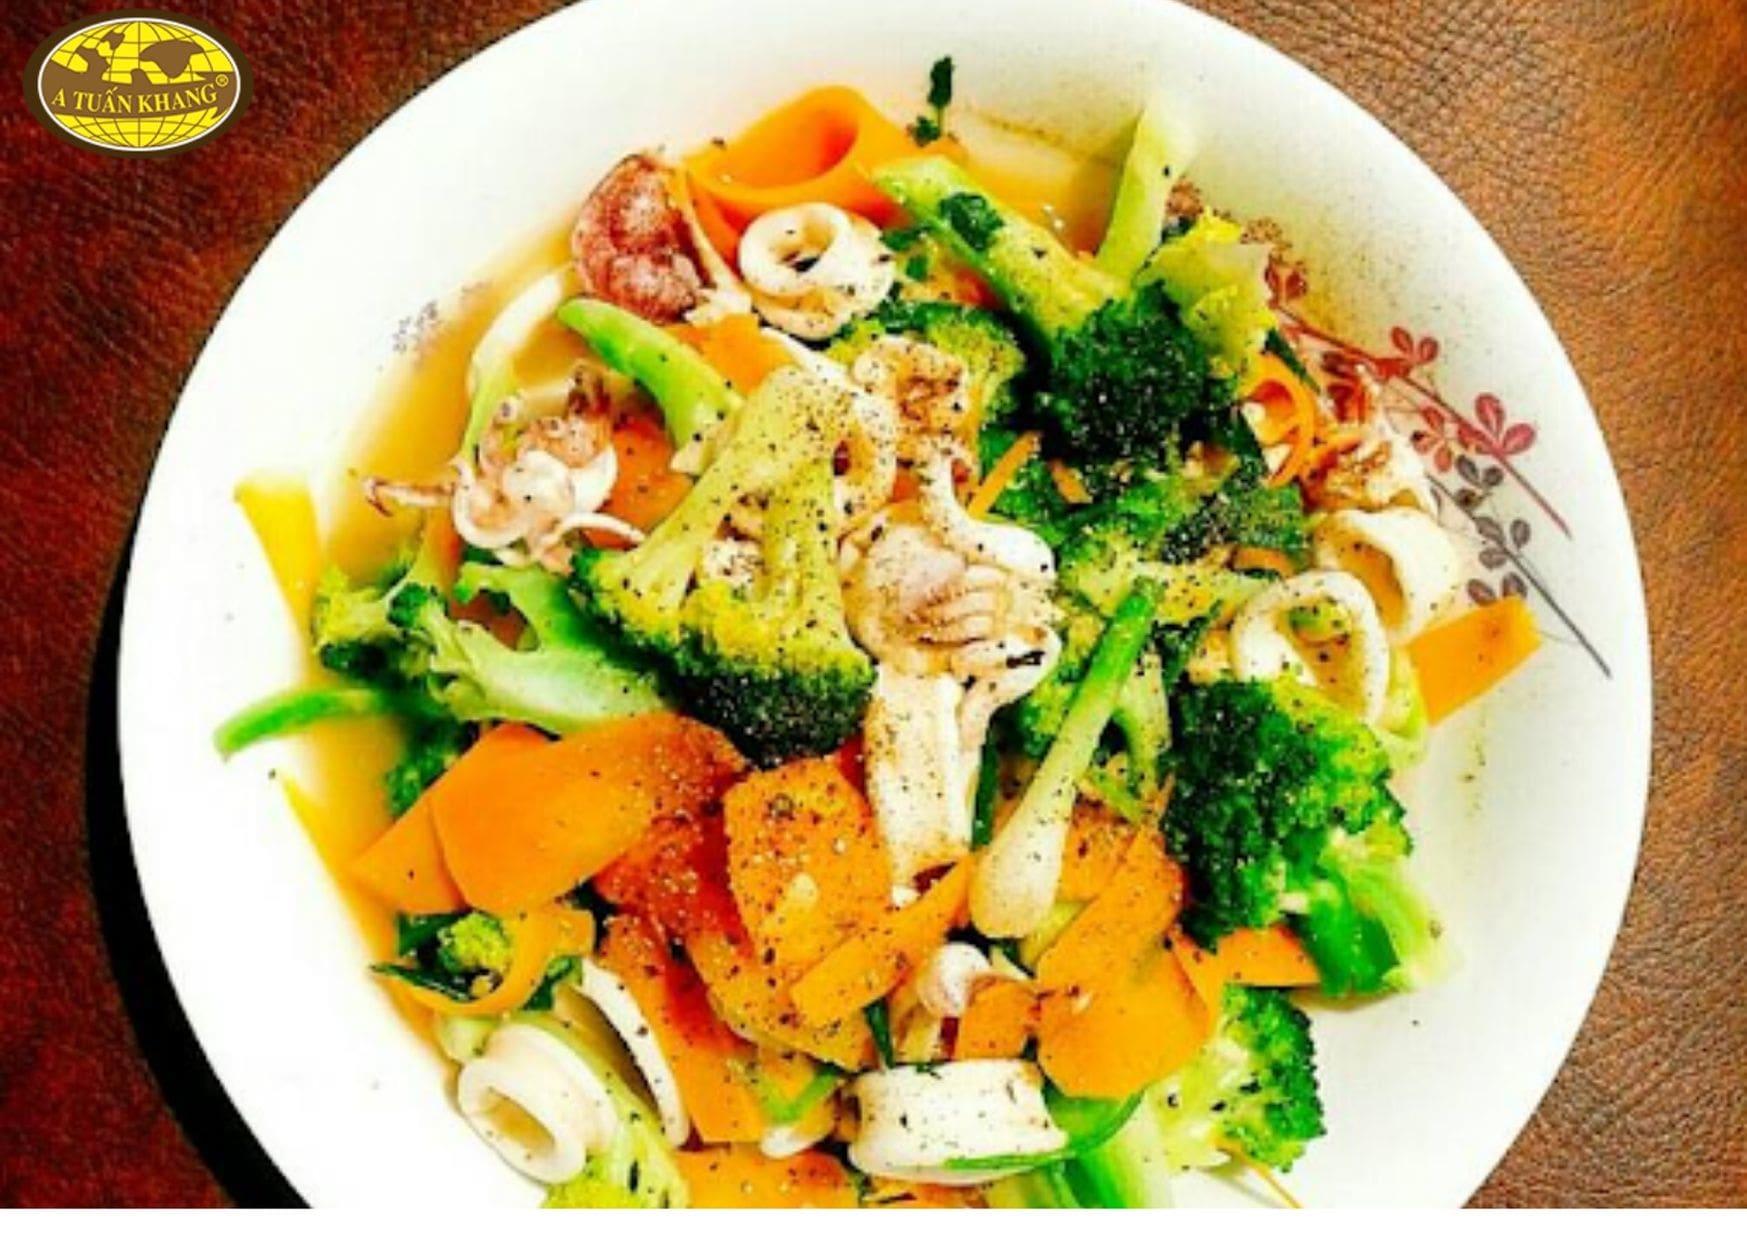 mực xào sa tế bông cải - A TUẤN KHANG